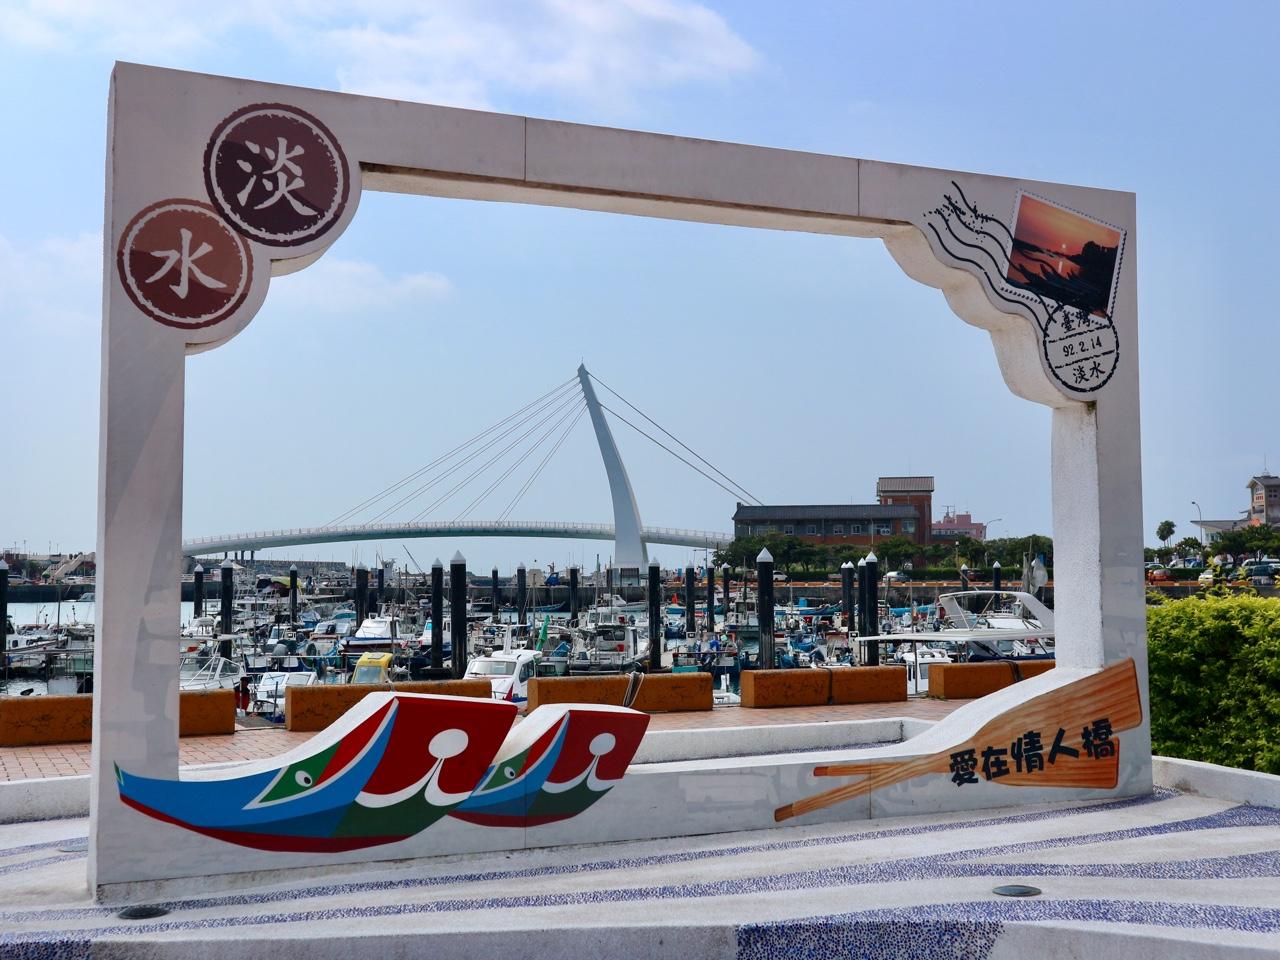 漁人碼頭での記念撮影におすすめスポット